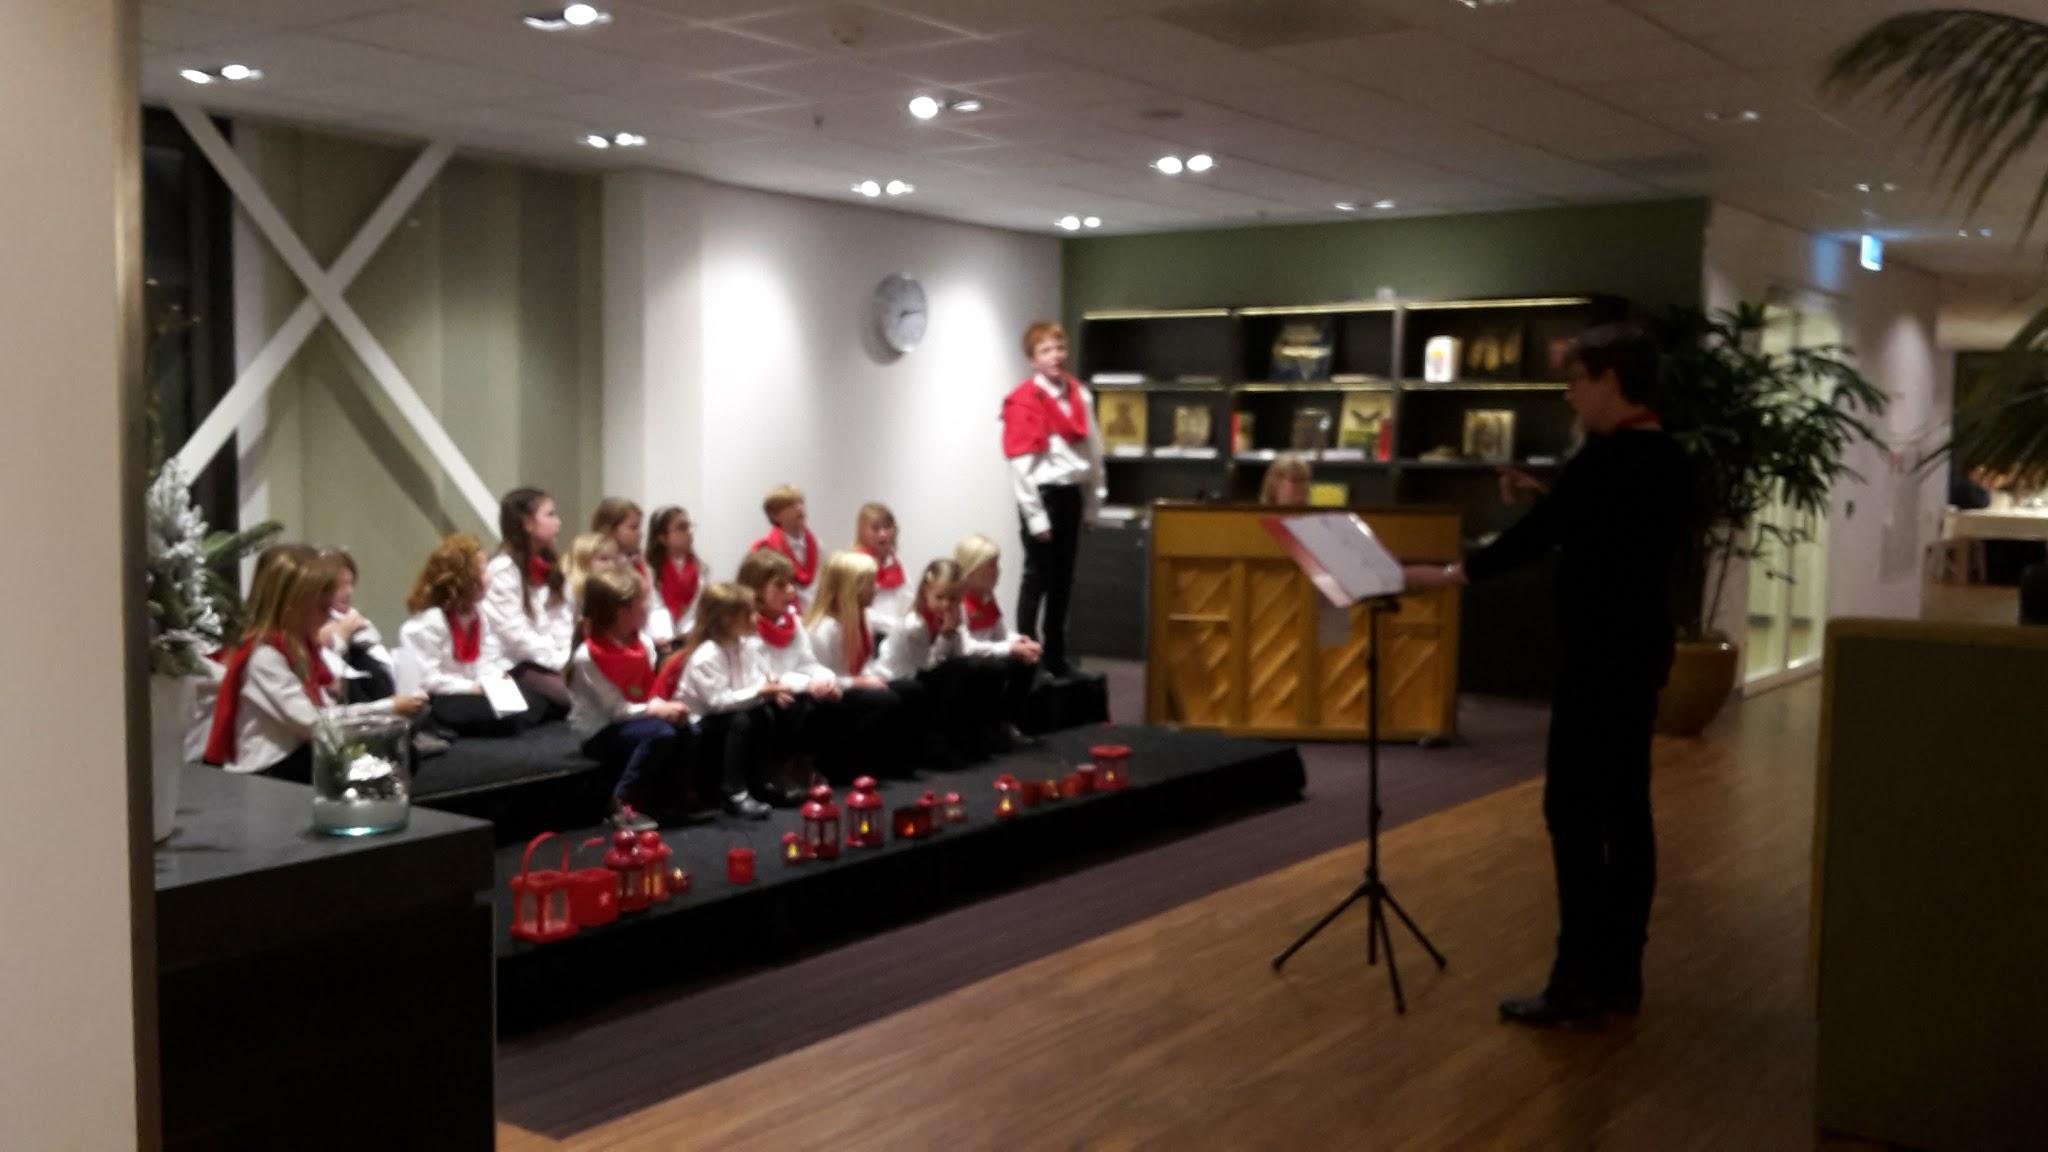 Koorschool Delft optreden kloorklassen Reinier de Graaf ziekenhuis